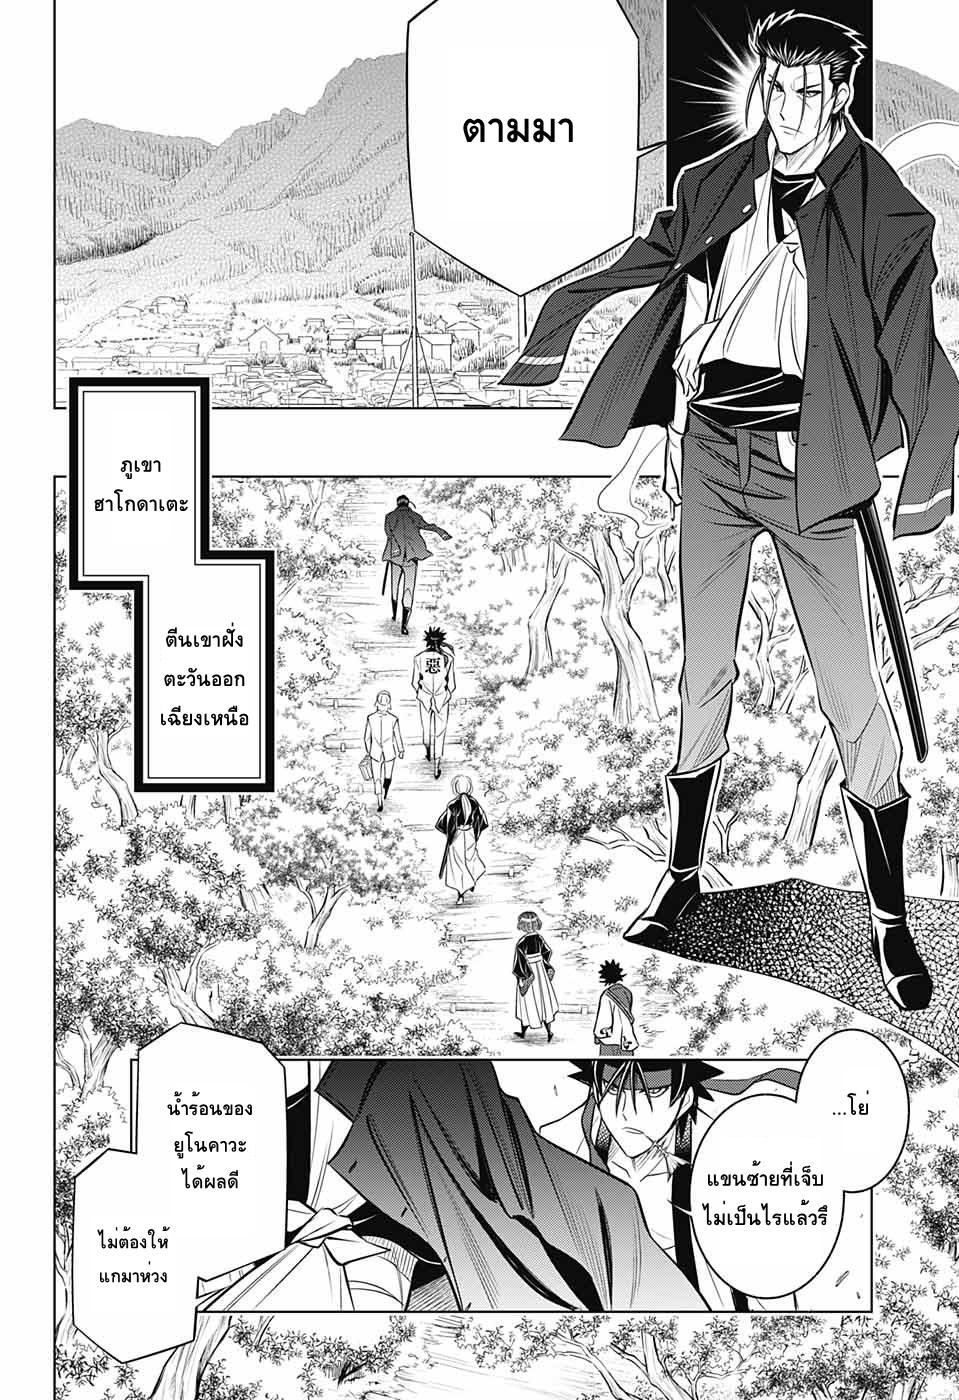 อ่านการ์ตูน Rurouni Kenshin: Hokkaido Arc ตอนที่ 13 หน้าที่ 18